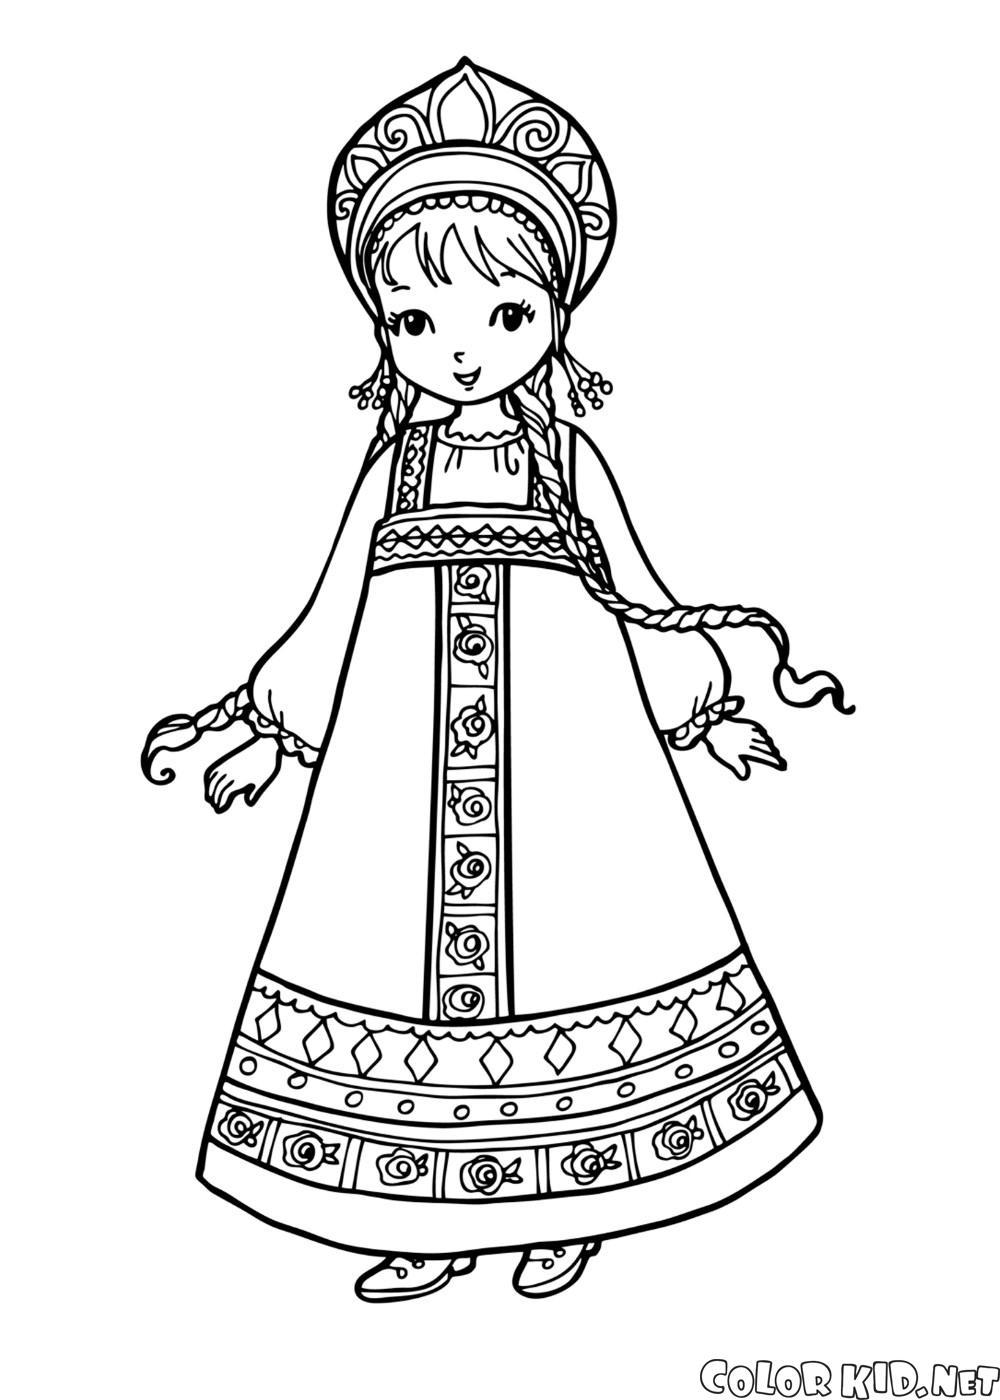 民族衣装を着た少女